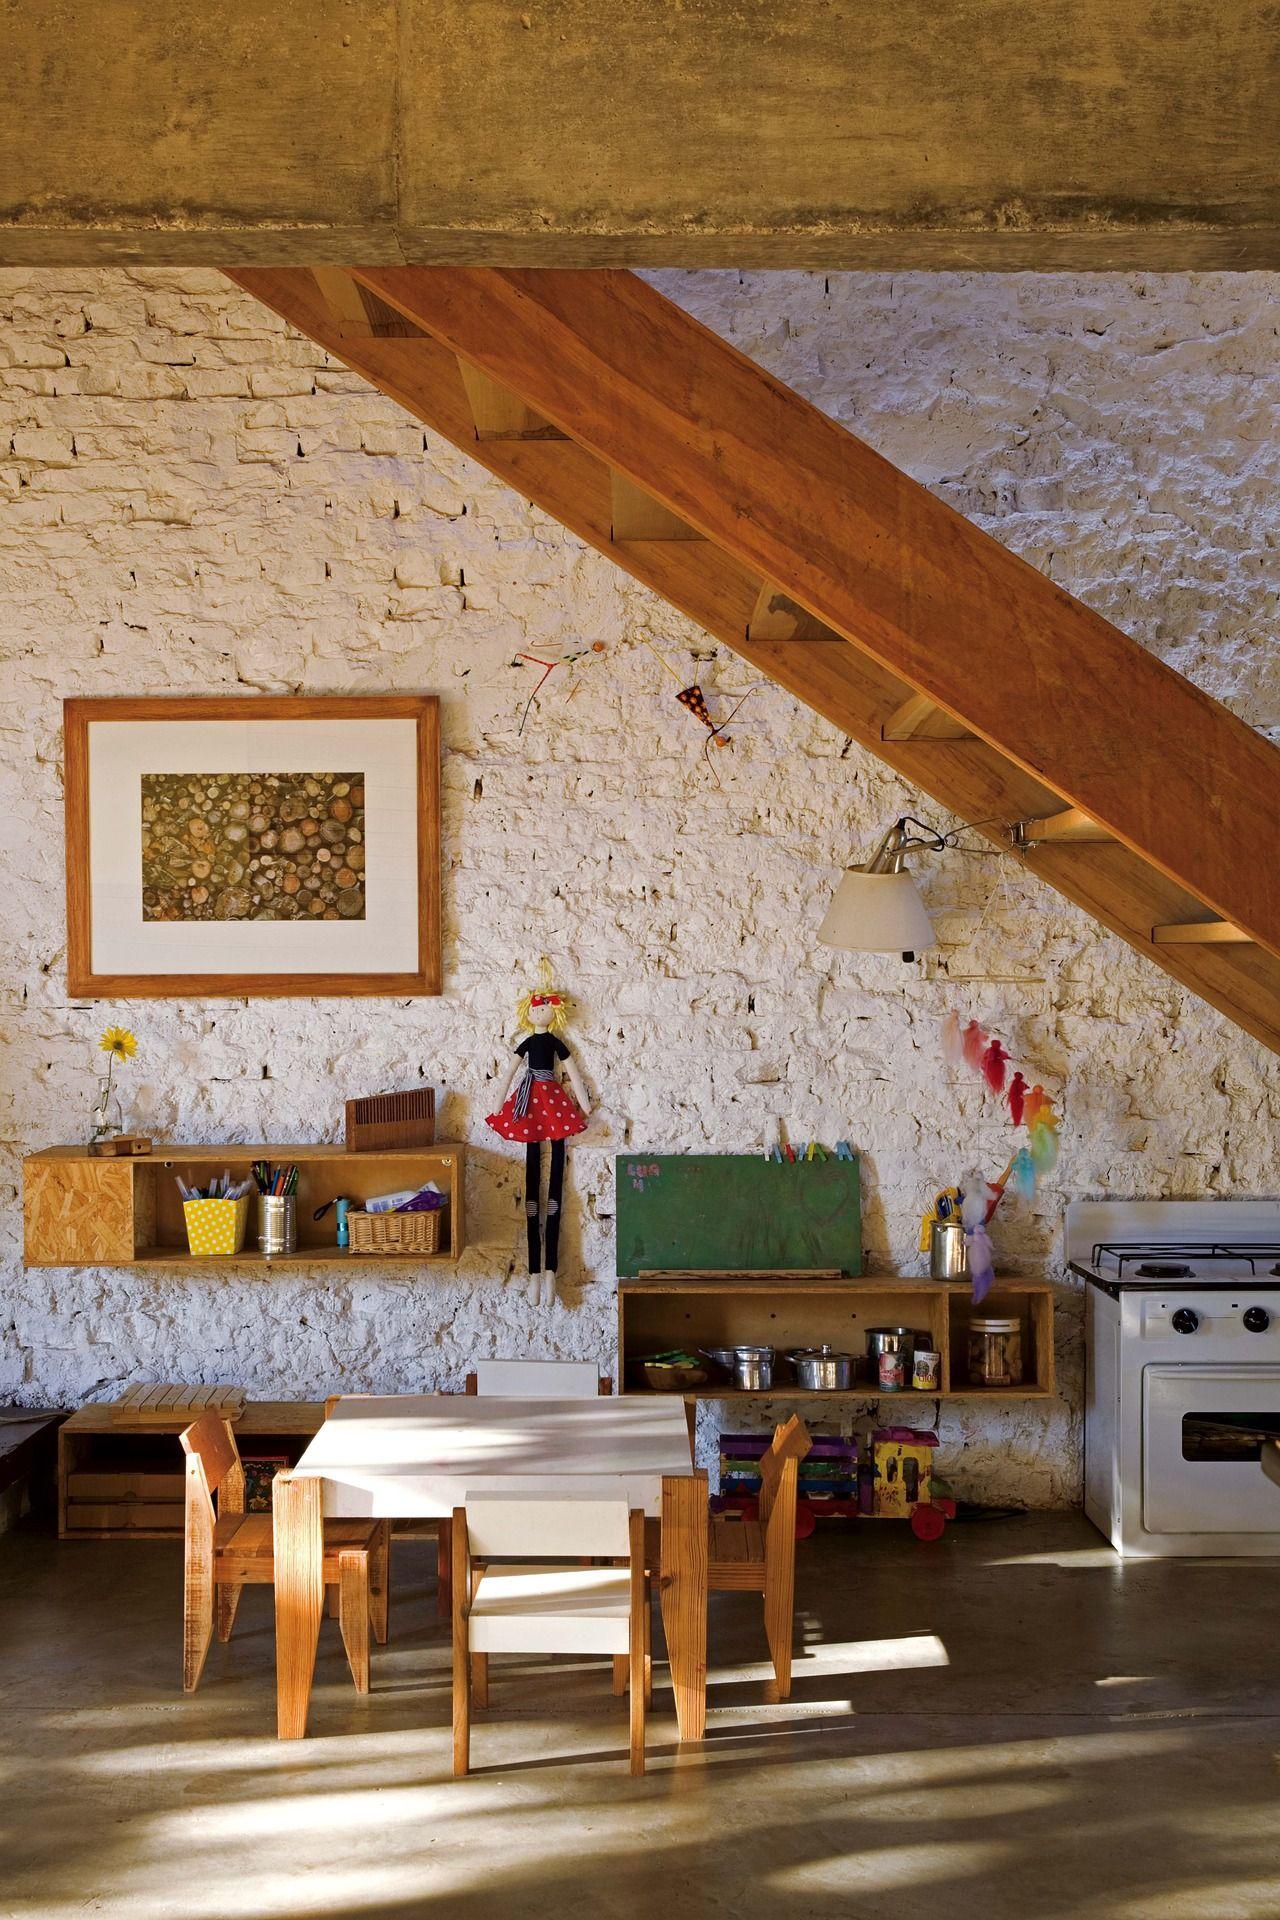 Una Casa Sustentable Con Detalles De Dise O Rinc N De Juegos  # Muebles De Madera Sostenible